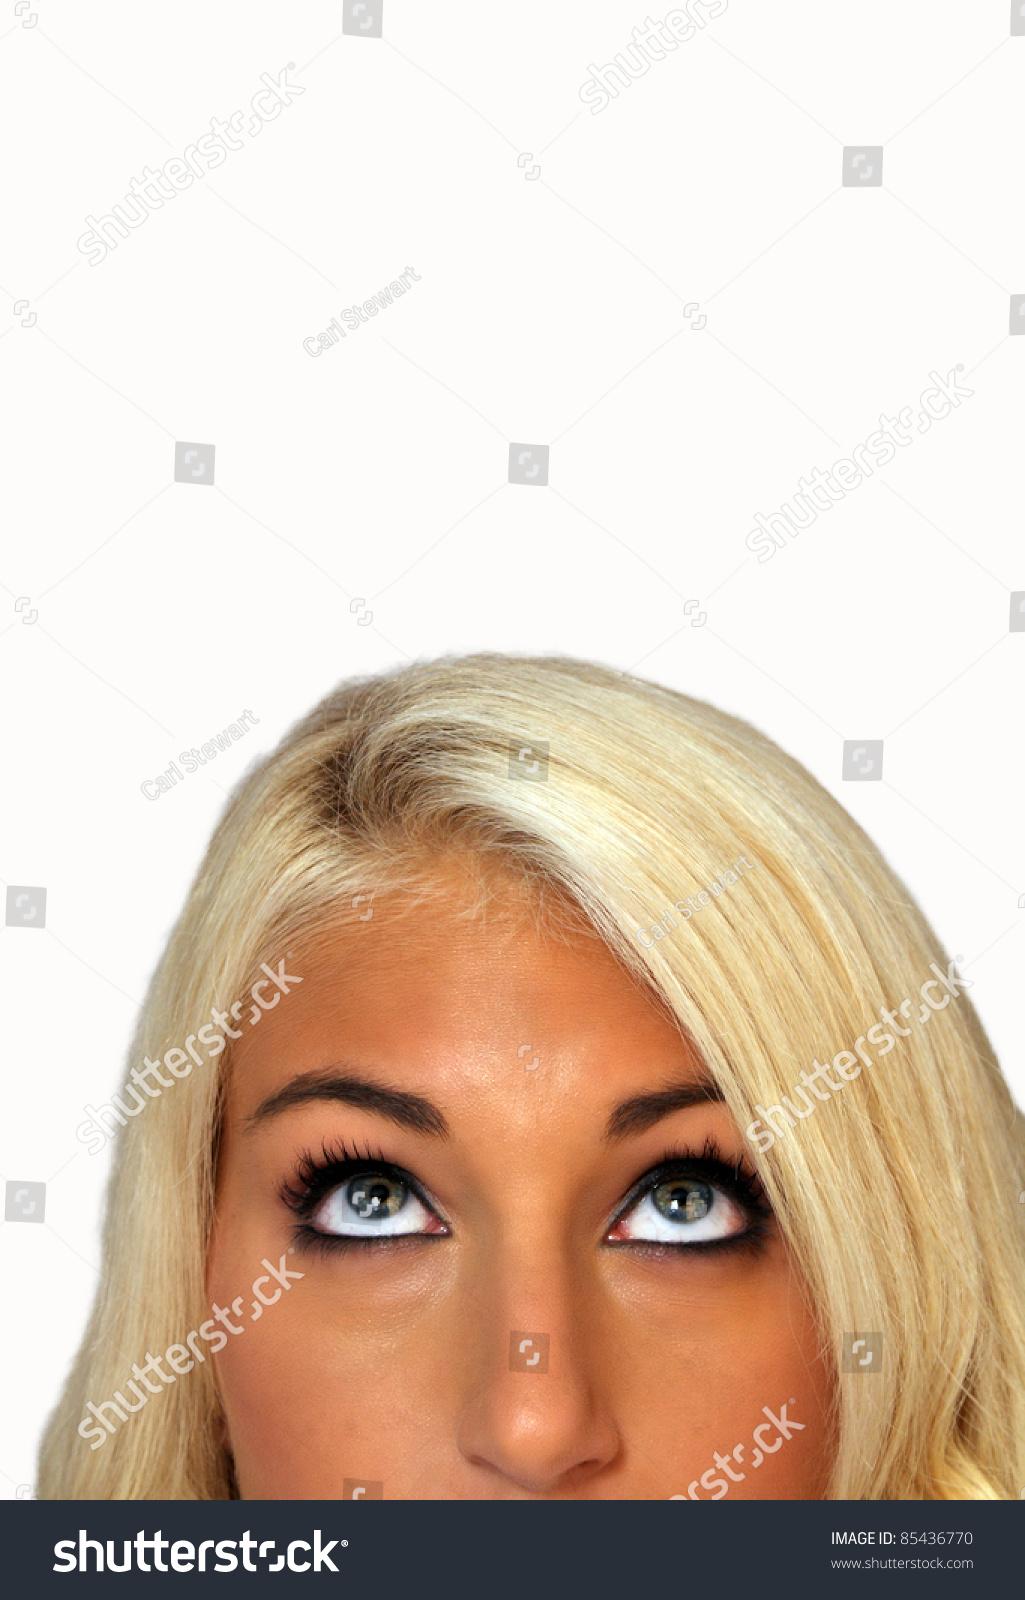 Closeup Extraordinarily Beautiful Young Blonde Looking Stock Photo ...